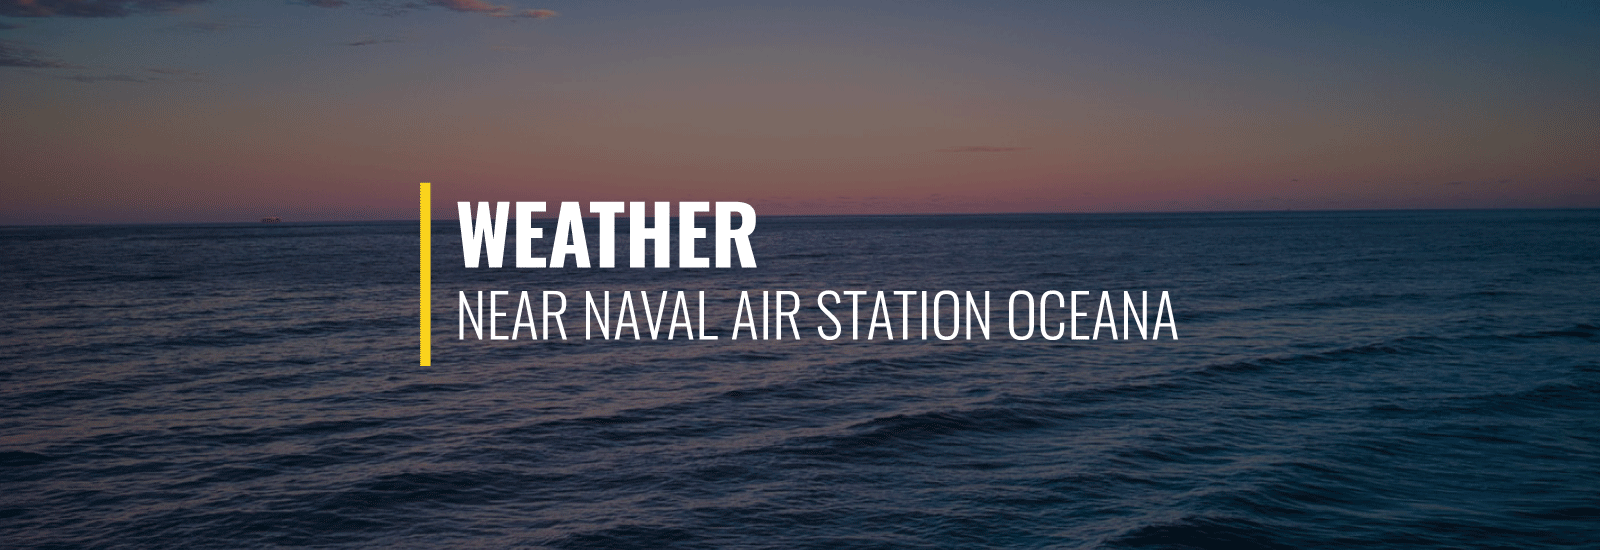 NAS Oceana Weather